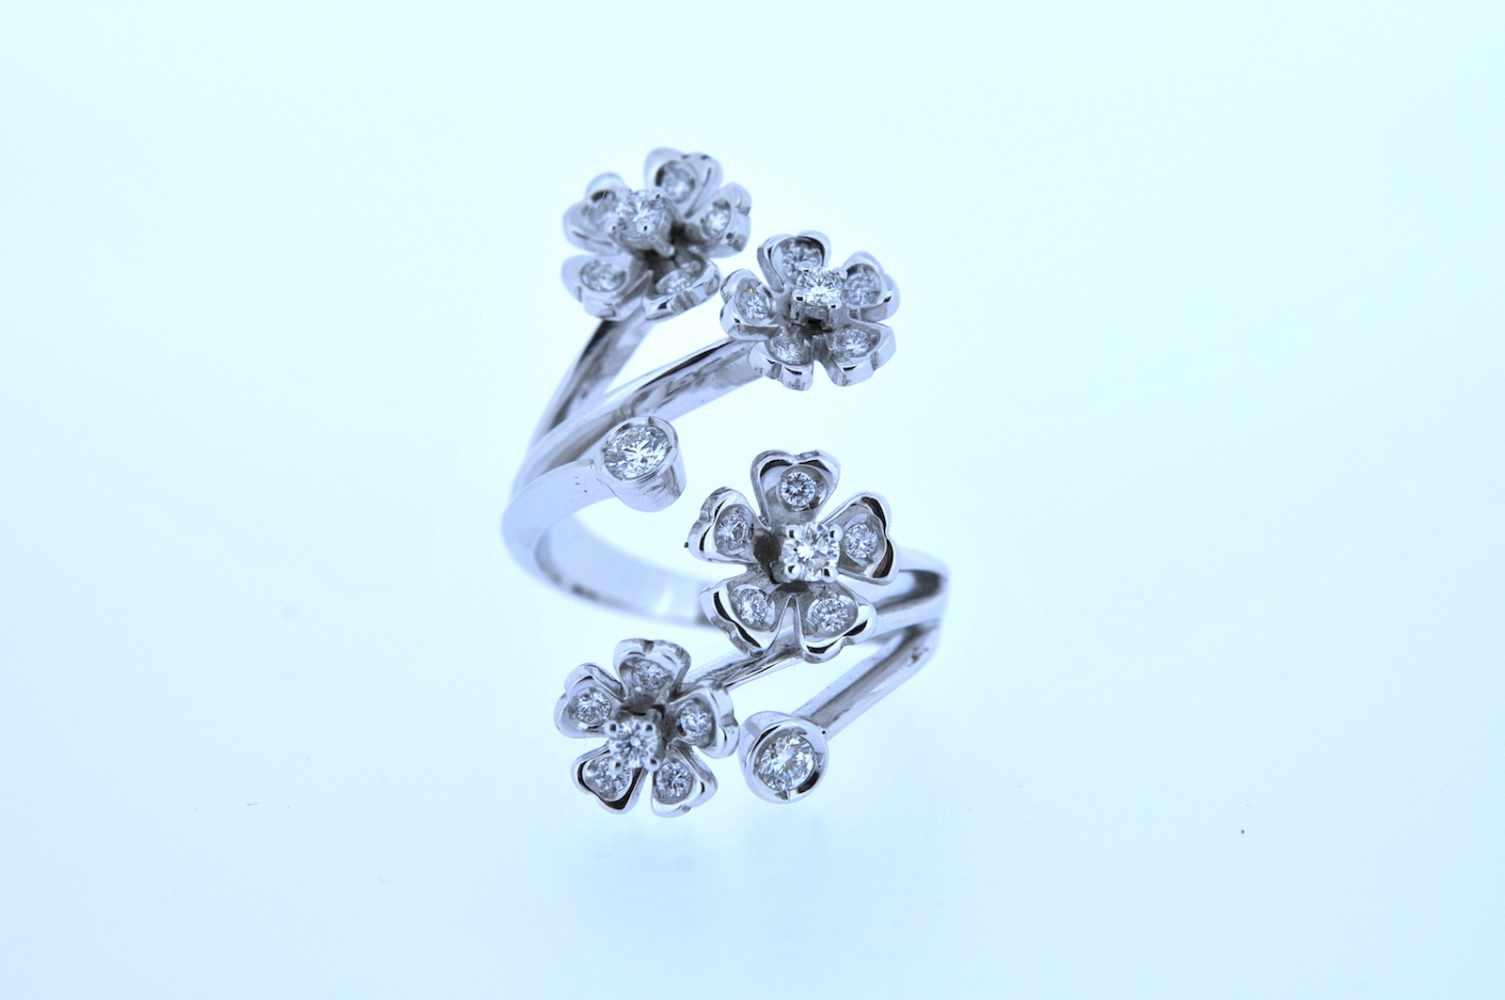 Ring Weißgoldener 18kt Ring mit Brillanten, zus.ca. 0,75 ct, Ringweite 56, 11,9 g. Ring Ring with